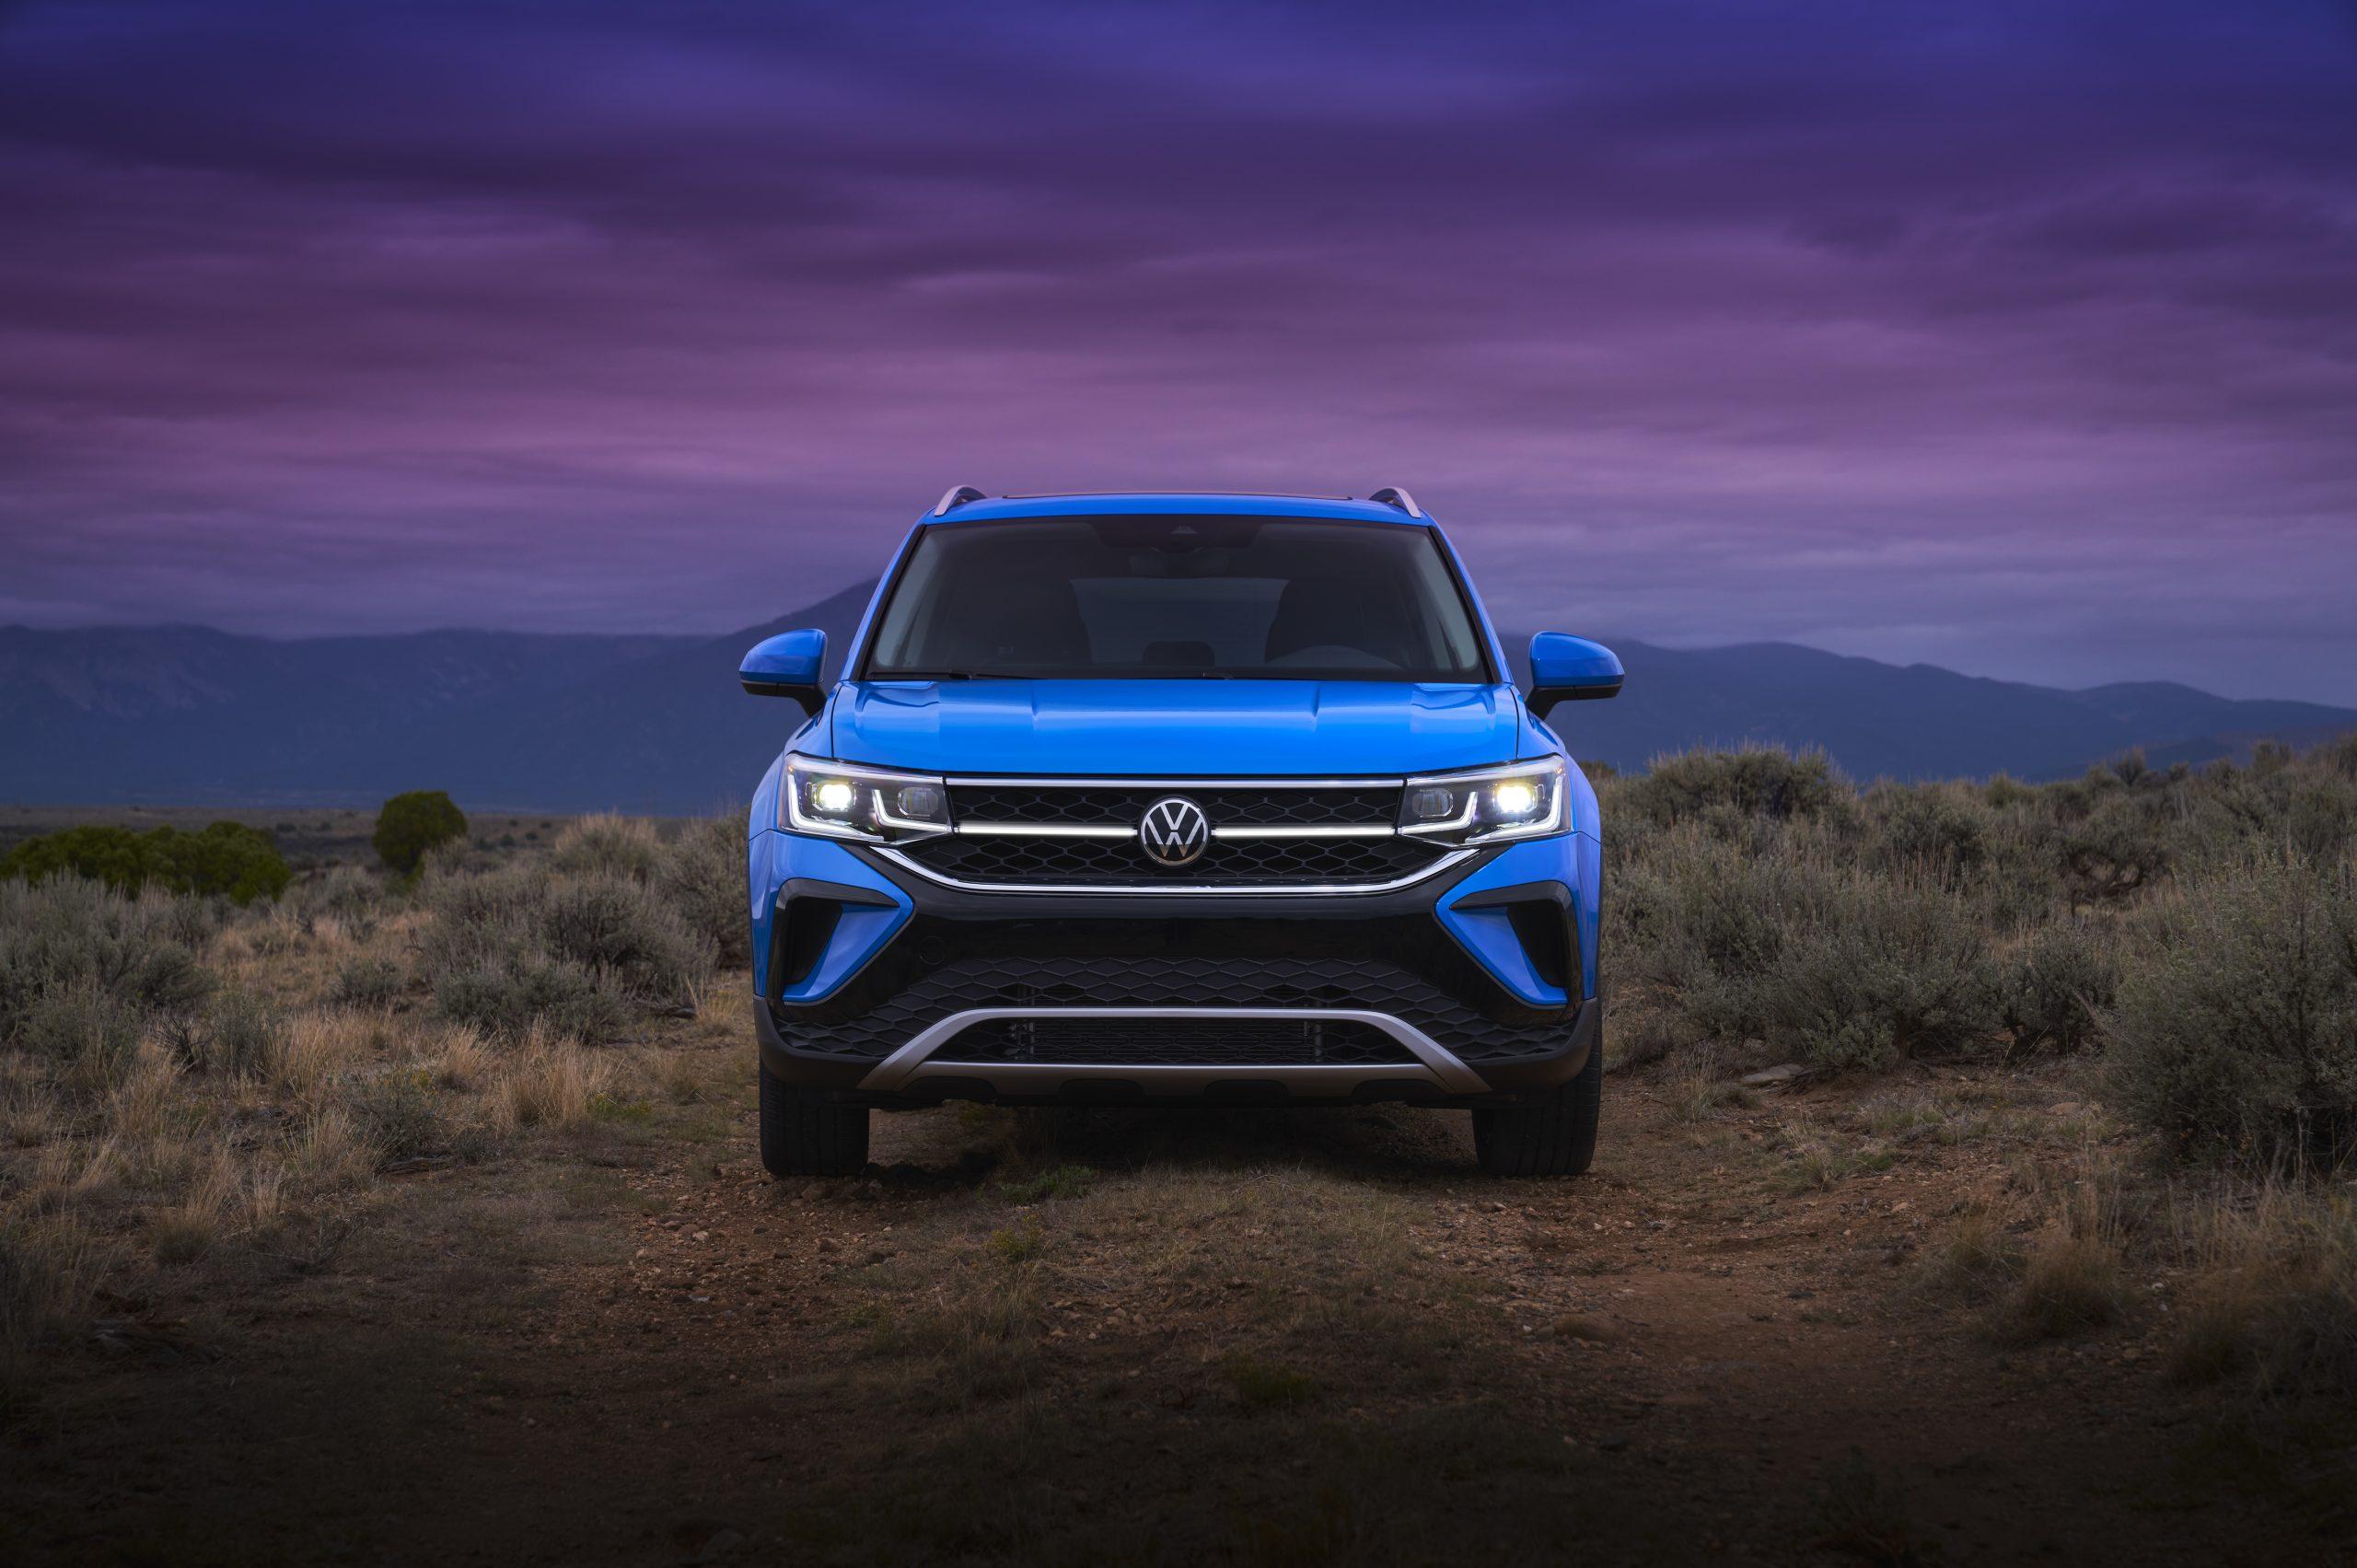 2022 Volkswagen Taos static front